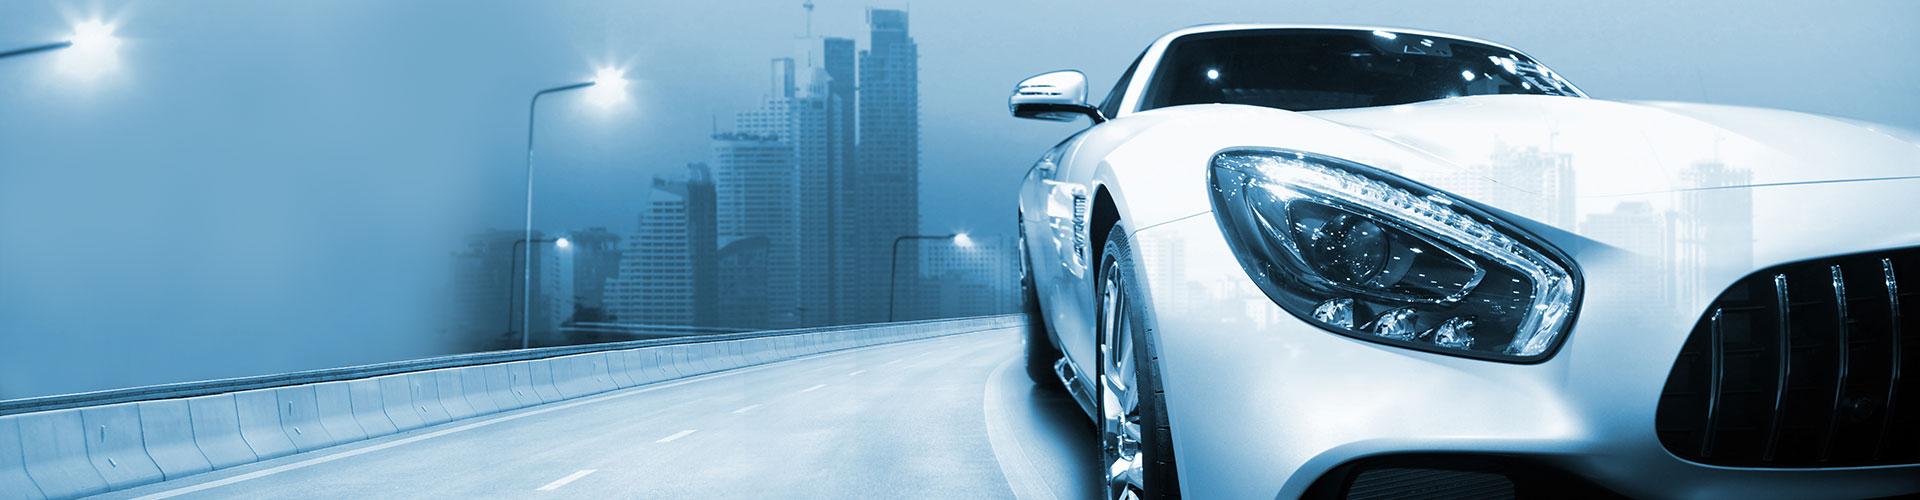 automotive weißes auto auf straße mit skyline im hintergrund